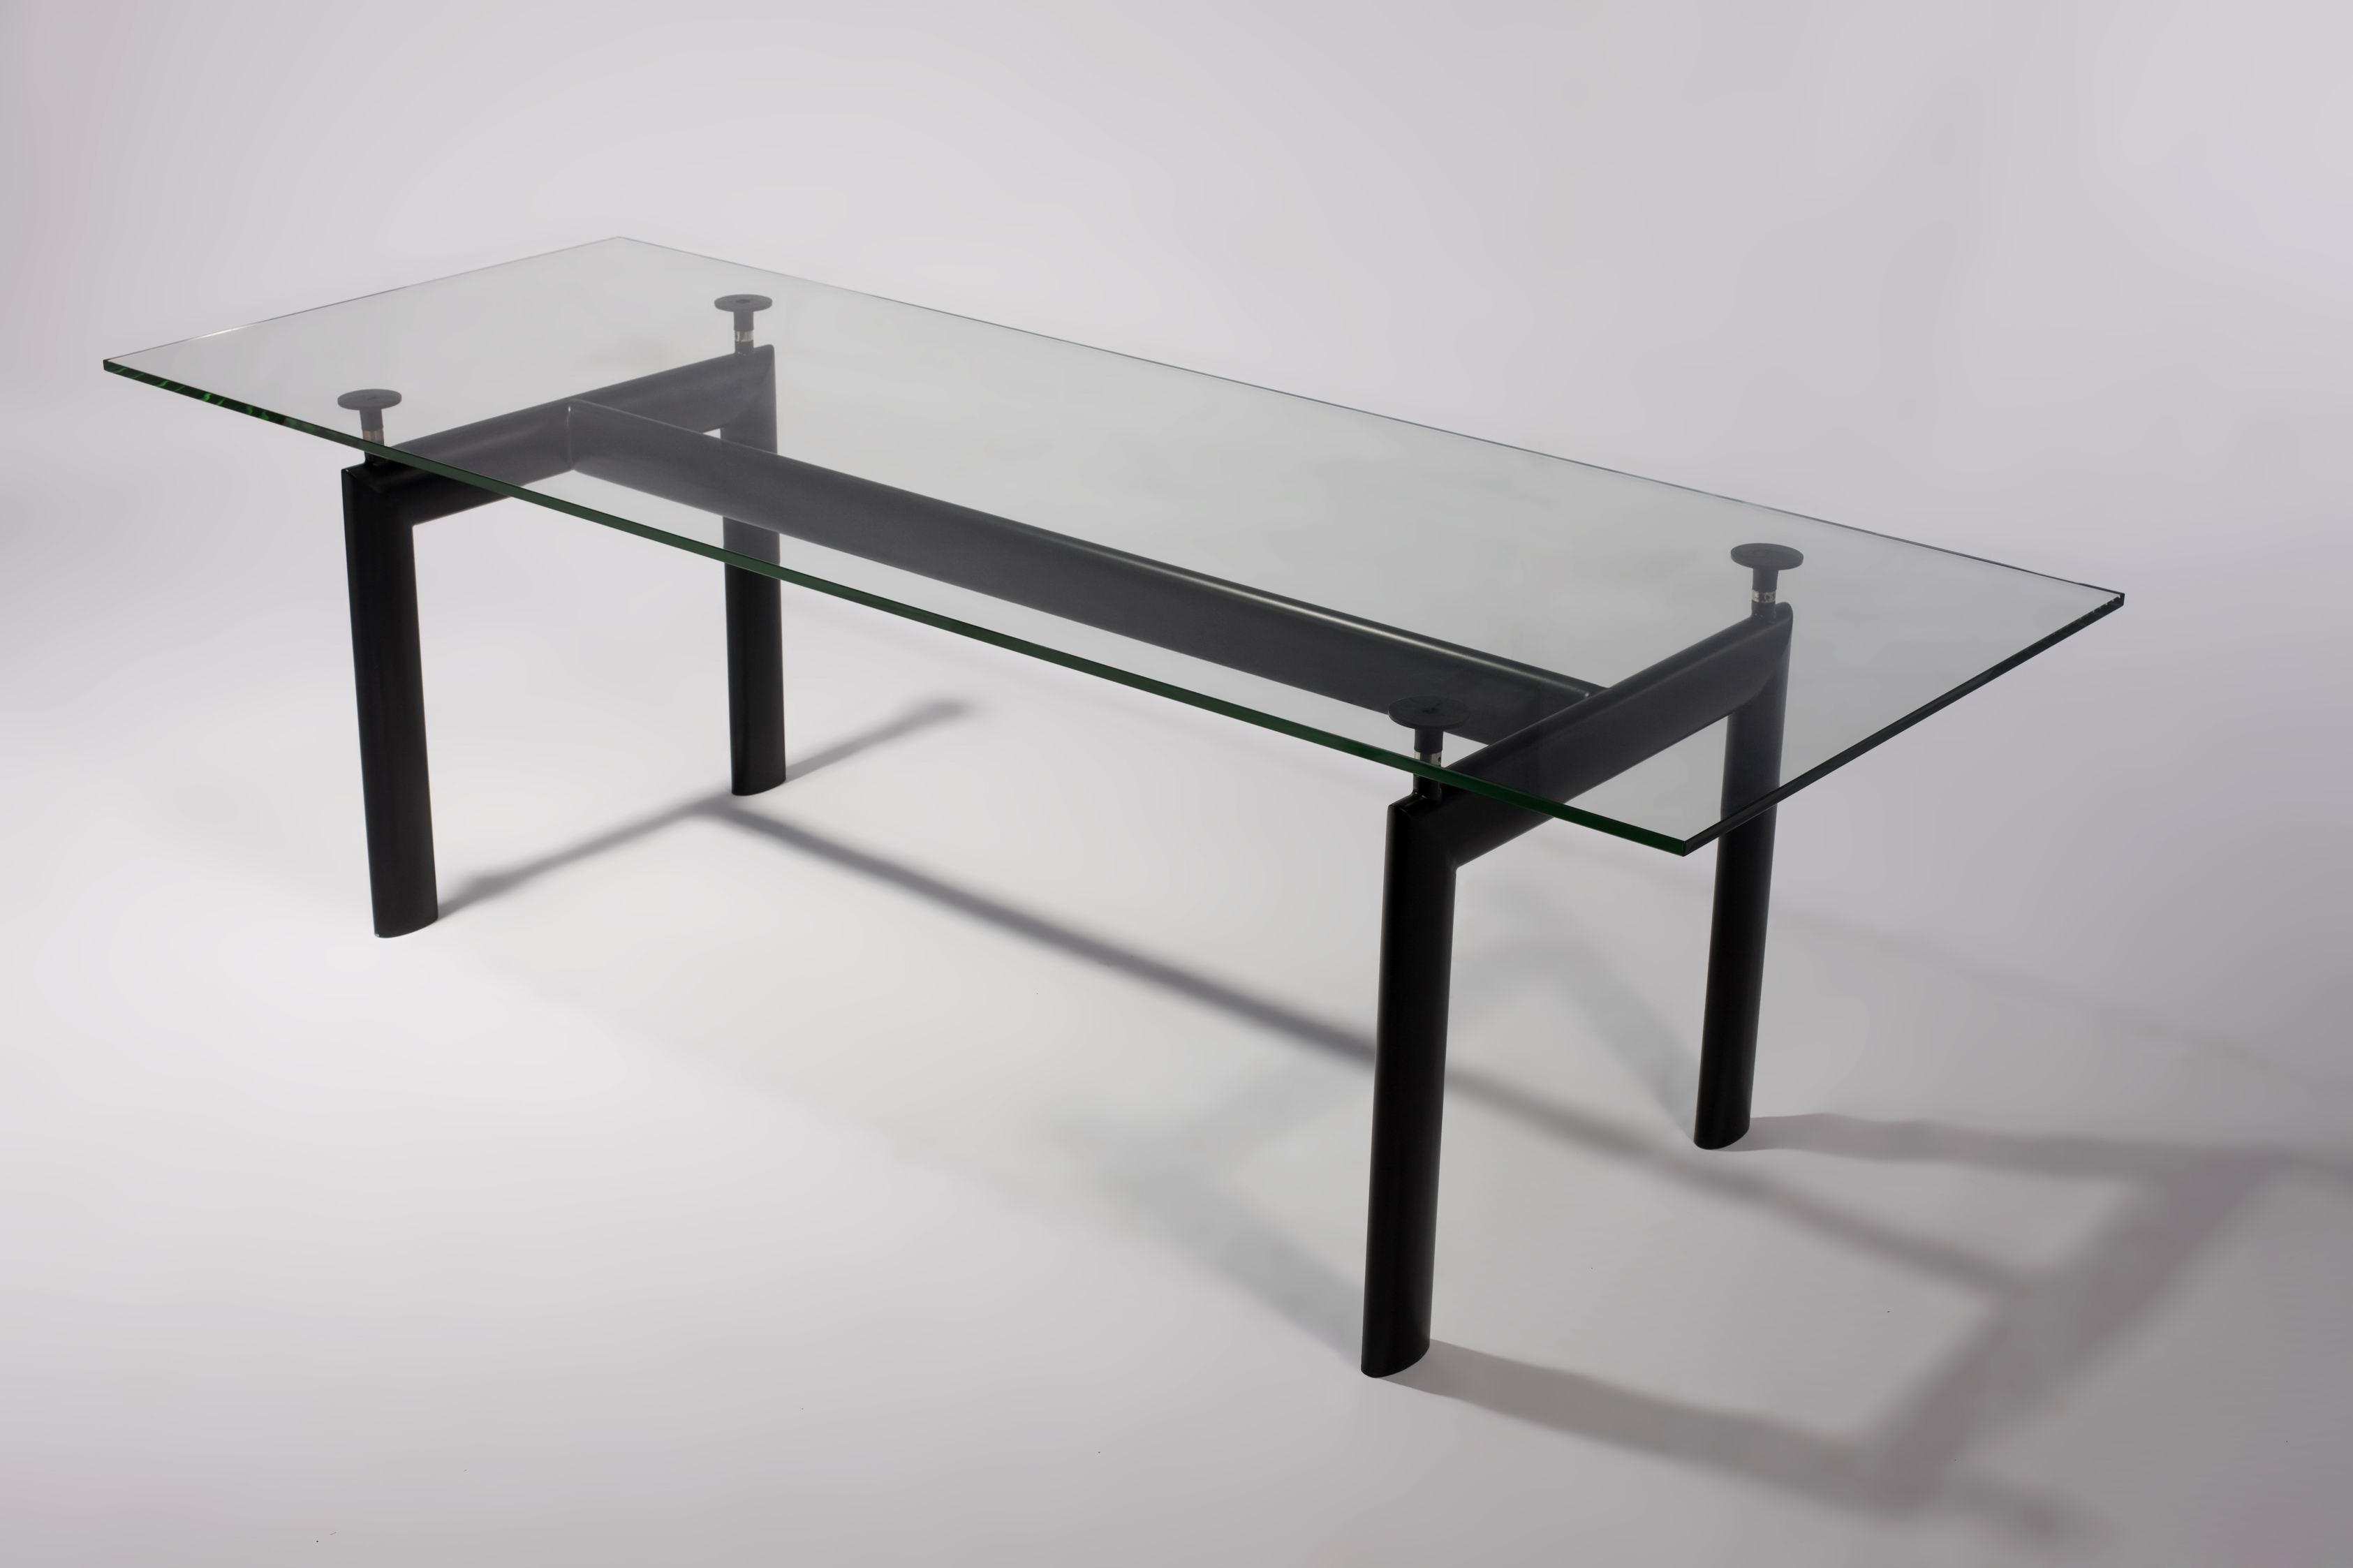 Le corbusier replica tavolo ufficio pranzo cristallo 225cm - Tavolo cristallo le corbusier ...